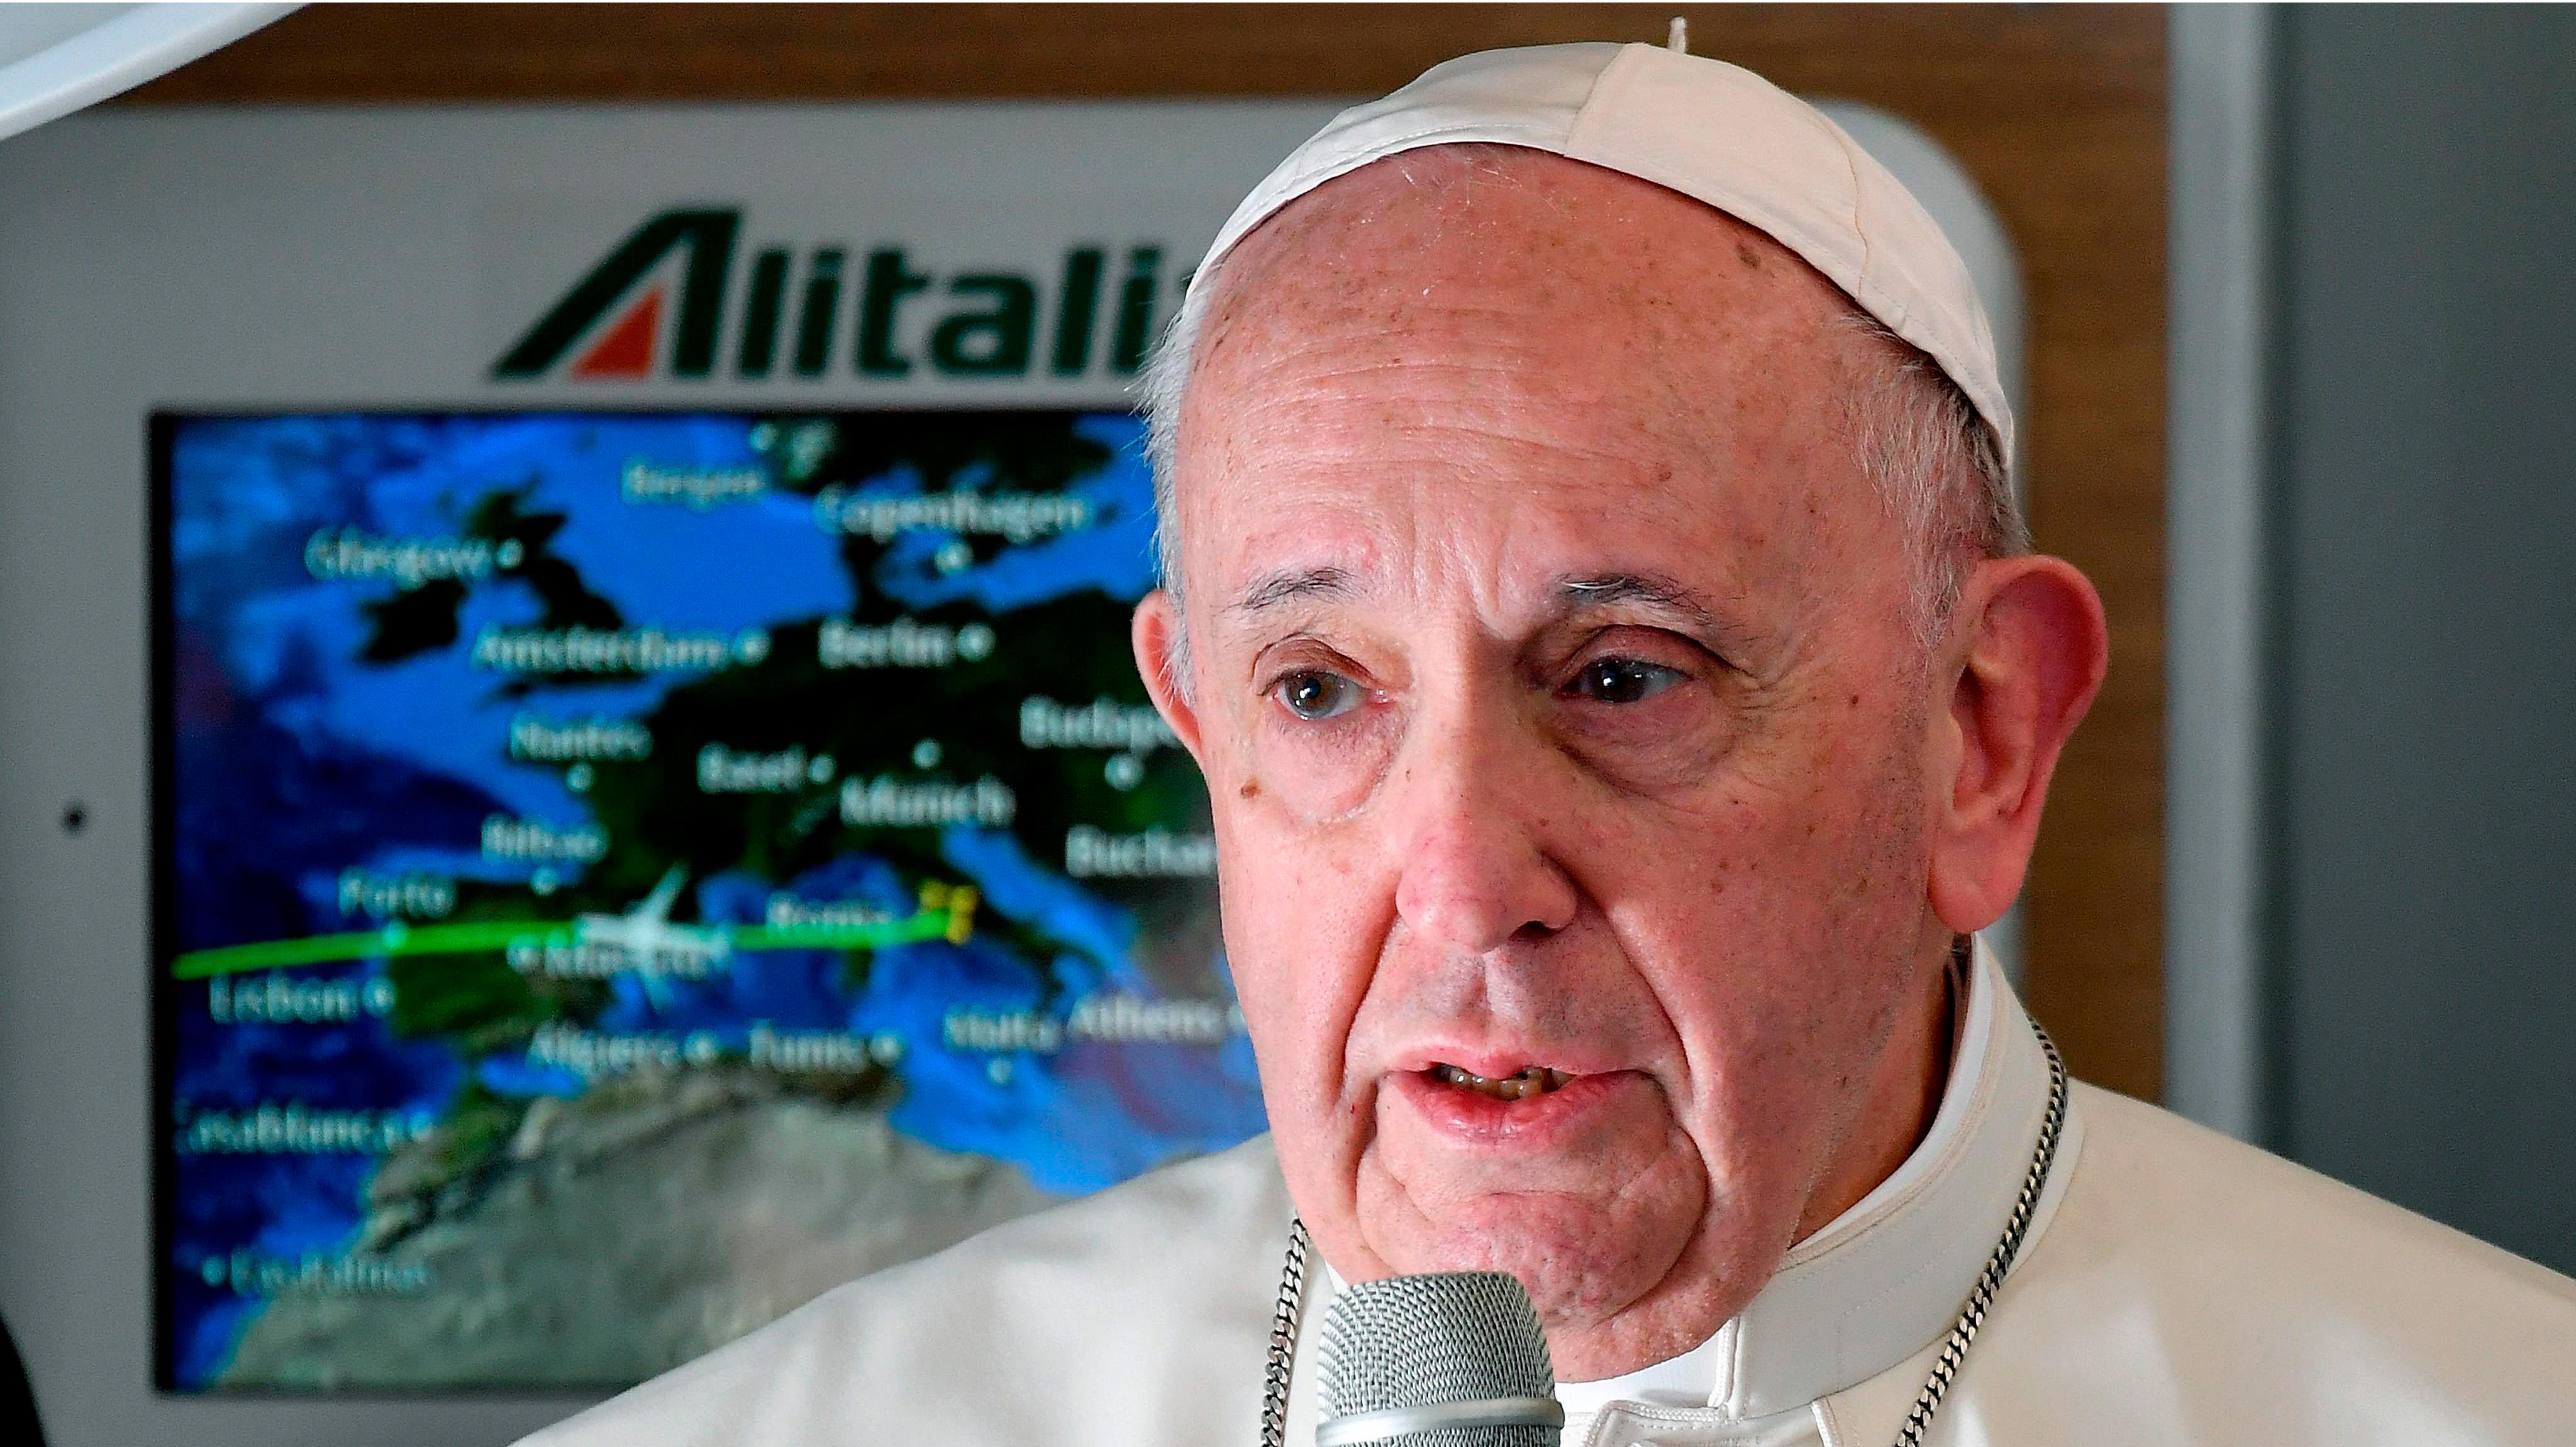 """Papa Francisco apoya """"todos los esfuerzos"""" para evitar el sufrimiento en Venezuela"""